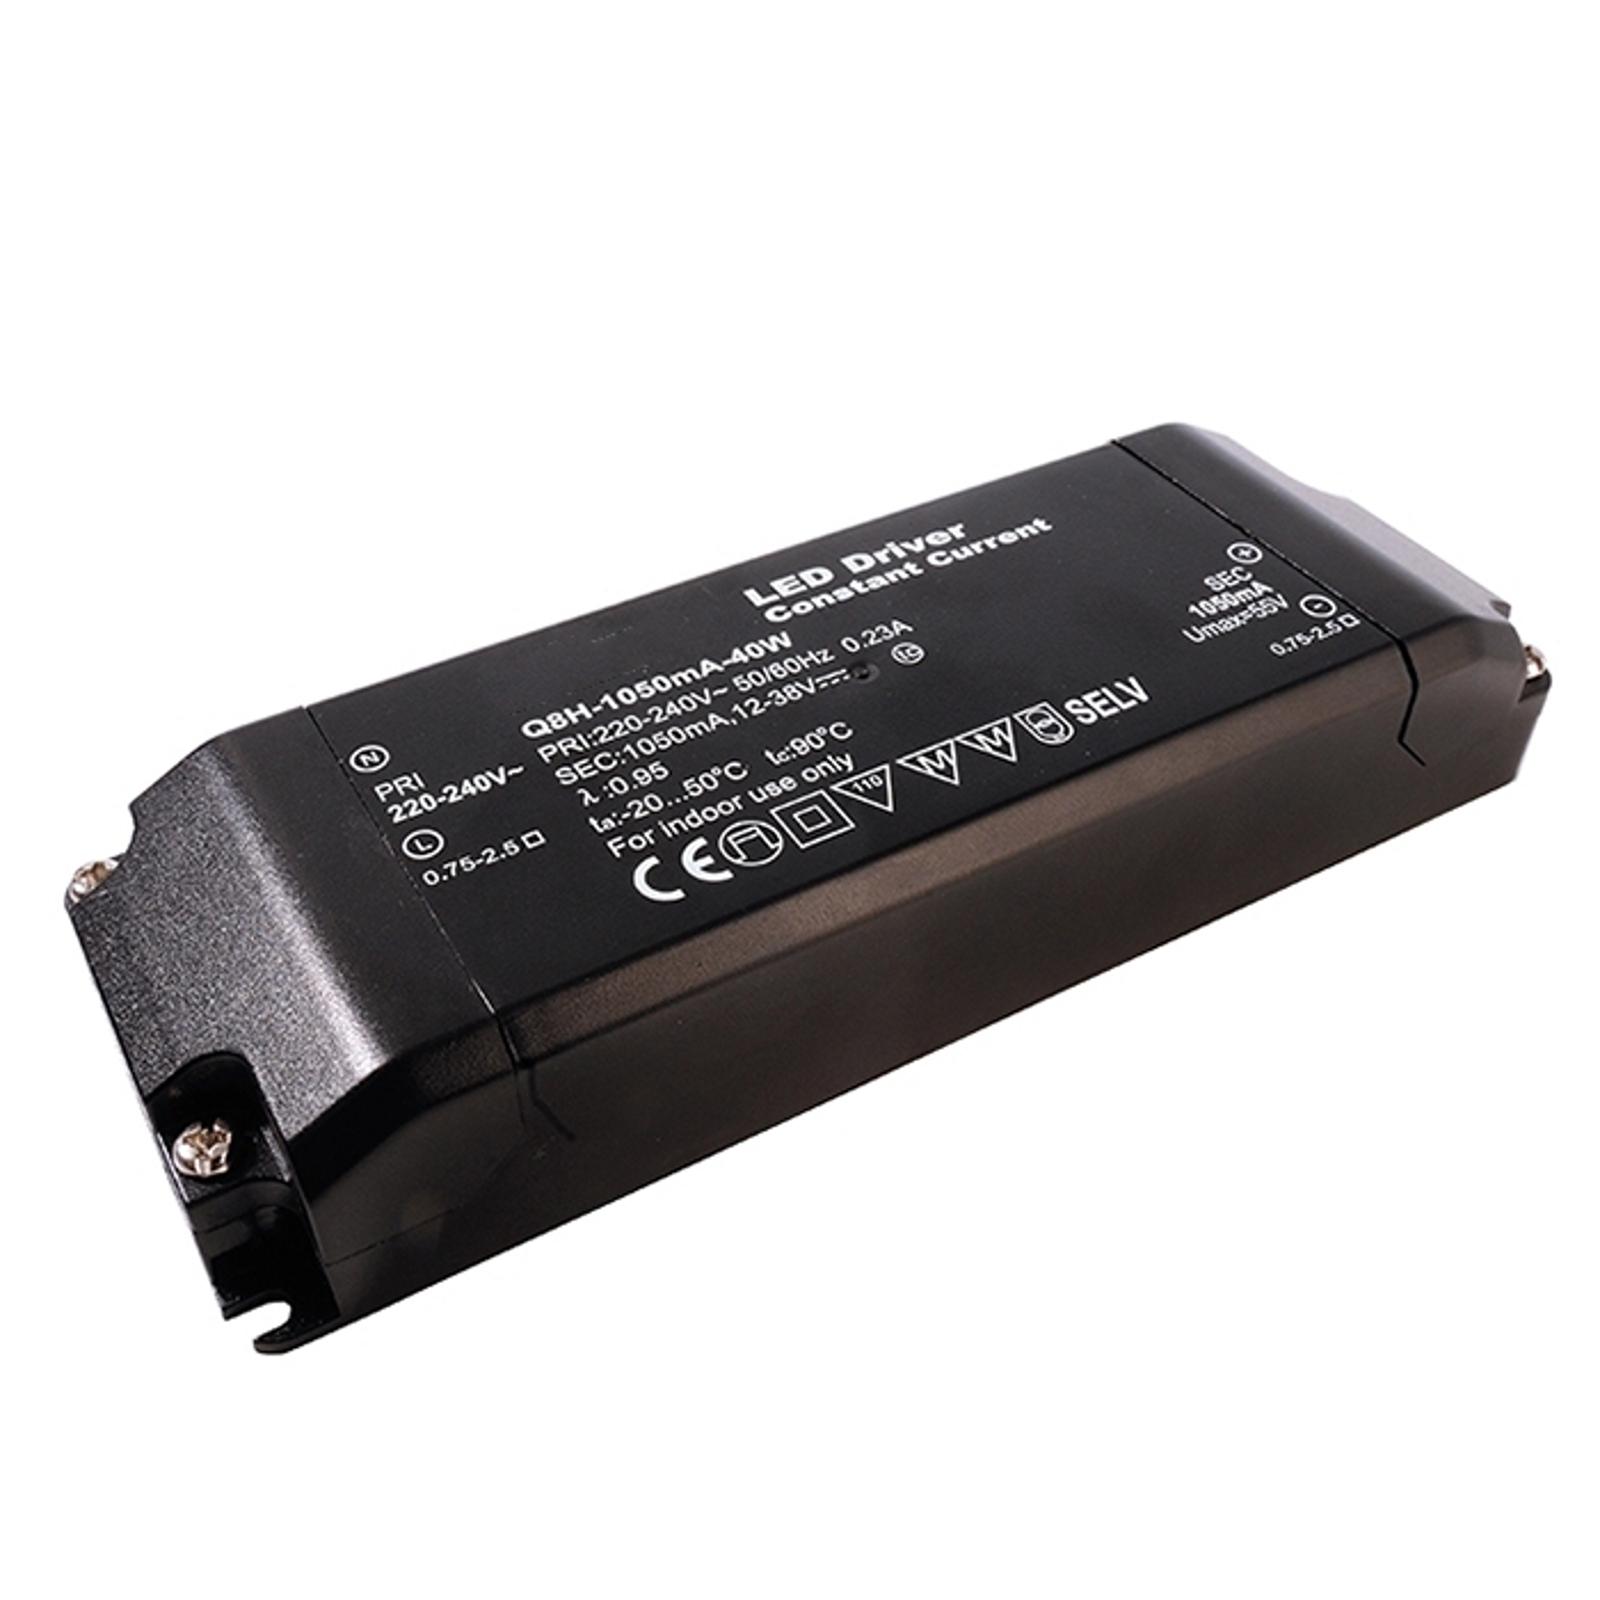 LED-Netzgerät 1050 mA f. COB130